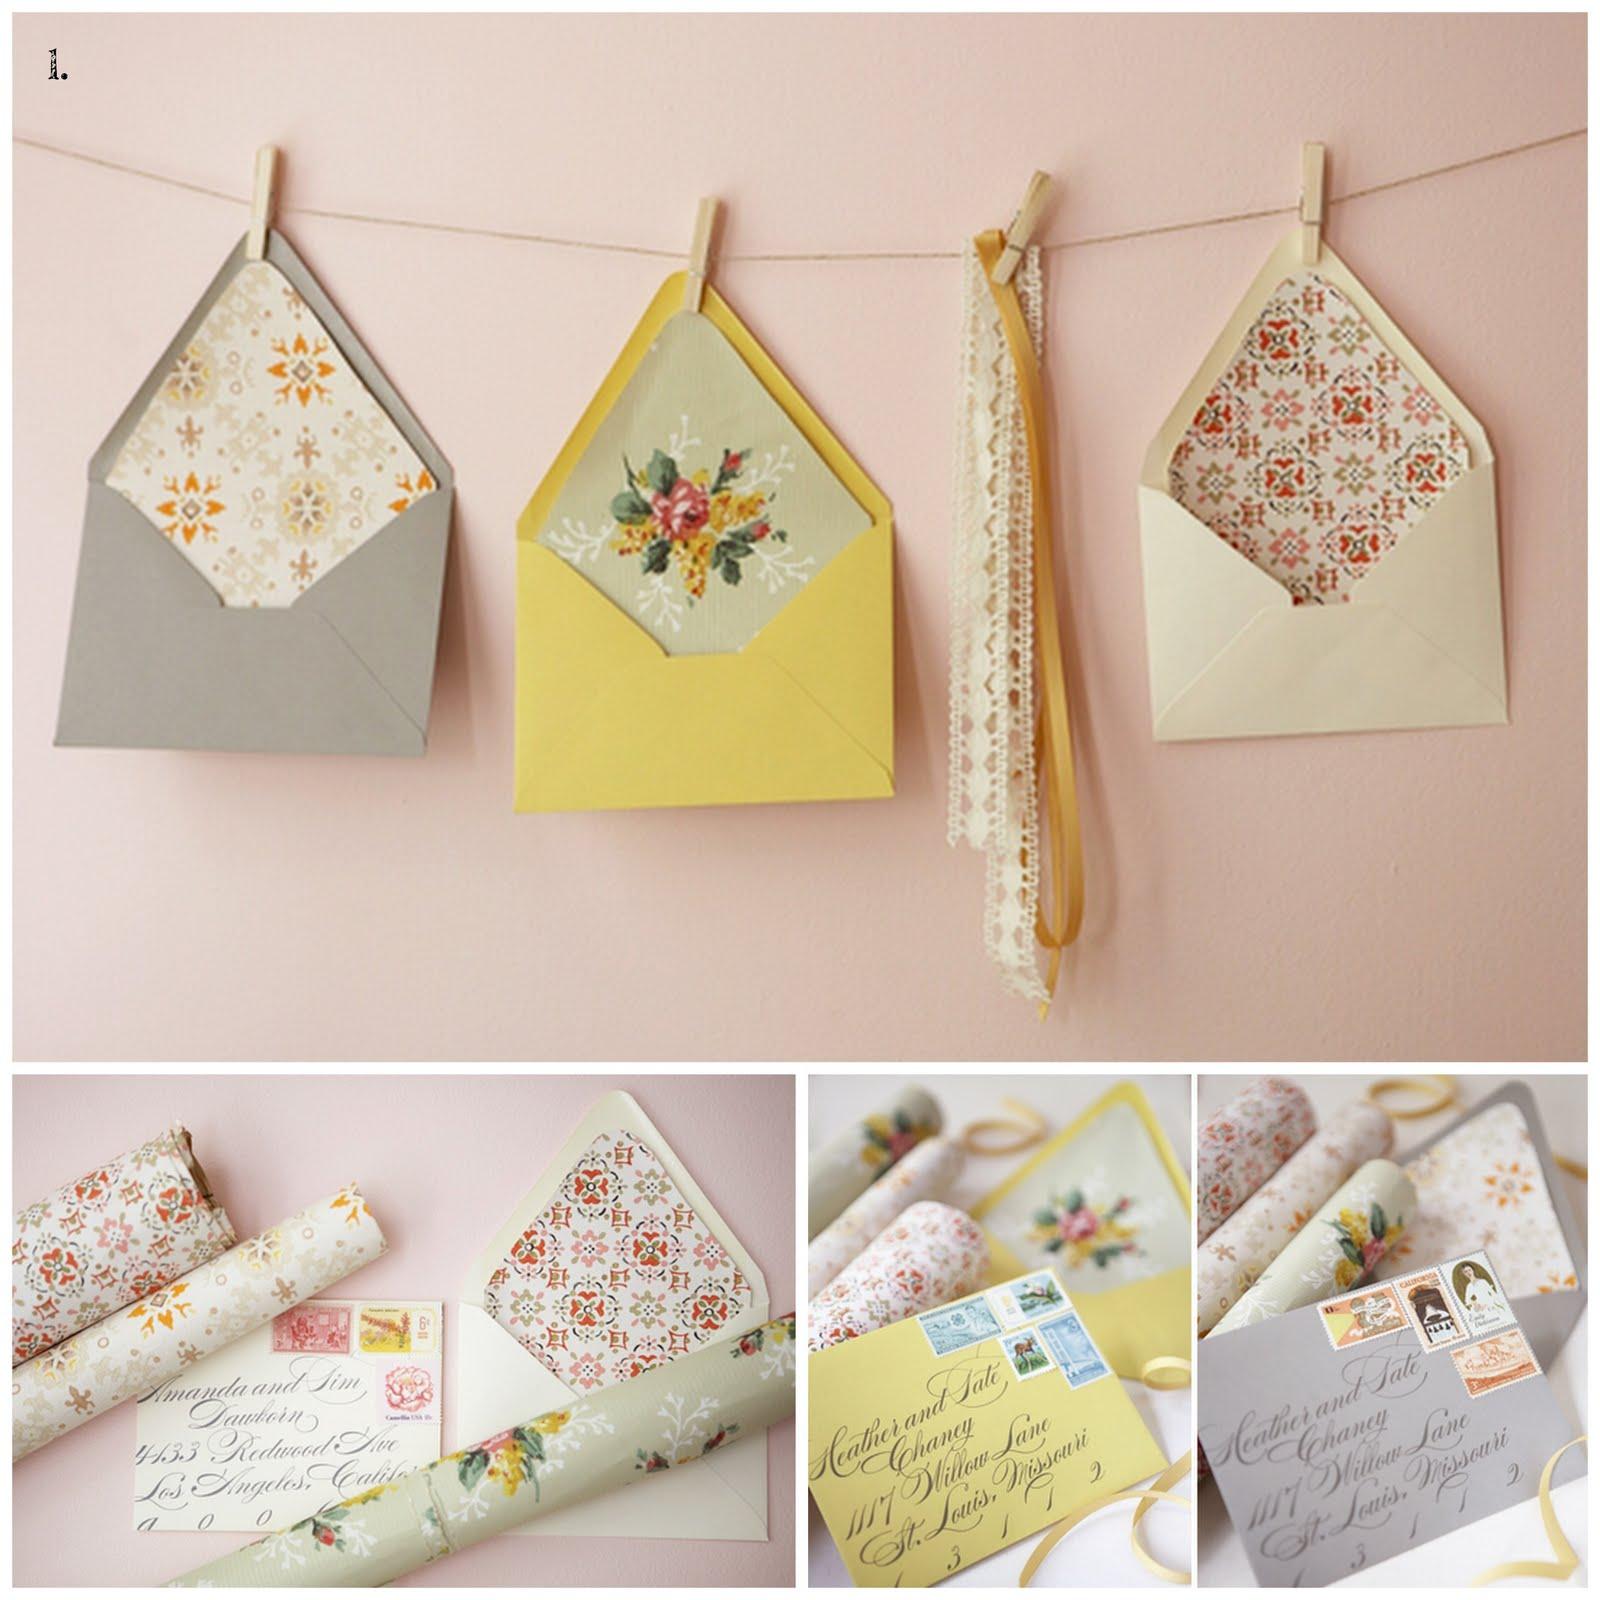 http://3.bp.blogspot.com/_Q0EnxCRe6gA/S9UC0Fev2PI/AAAAAAAAGWc/AnulJgcB78E/s1600/Wallpaper%2BEnvelopes.jpg